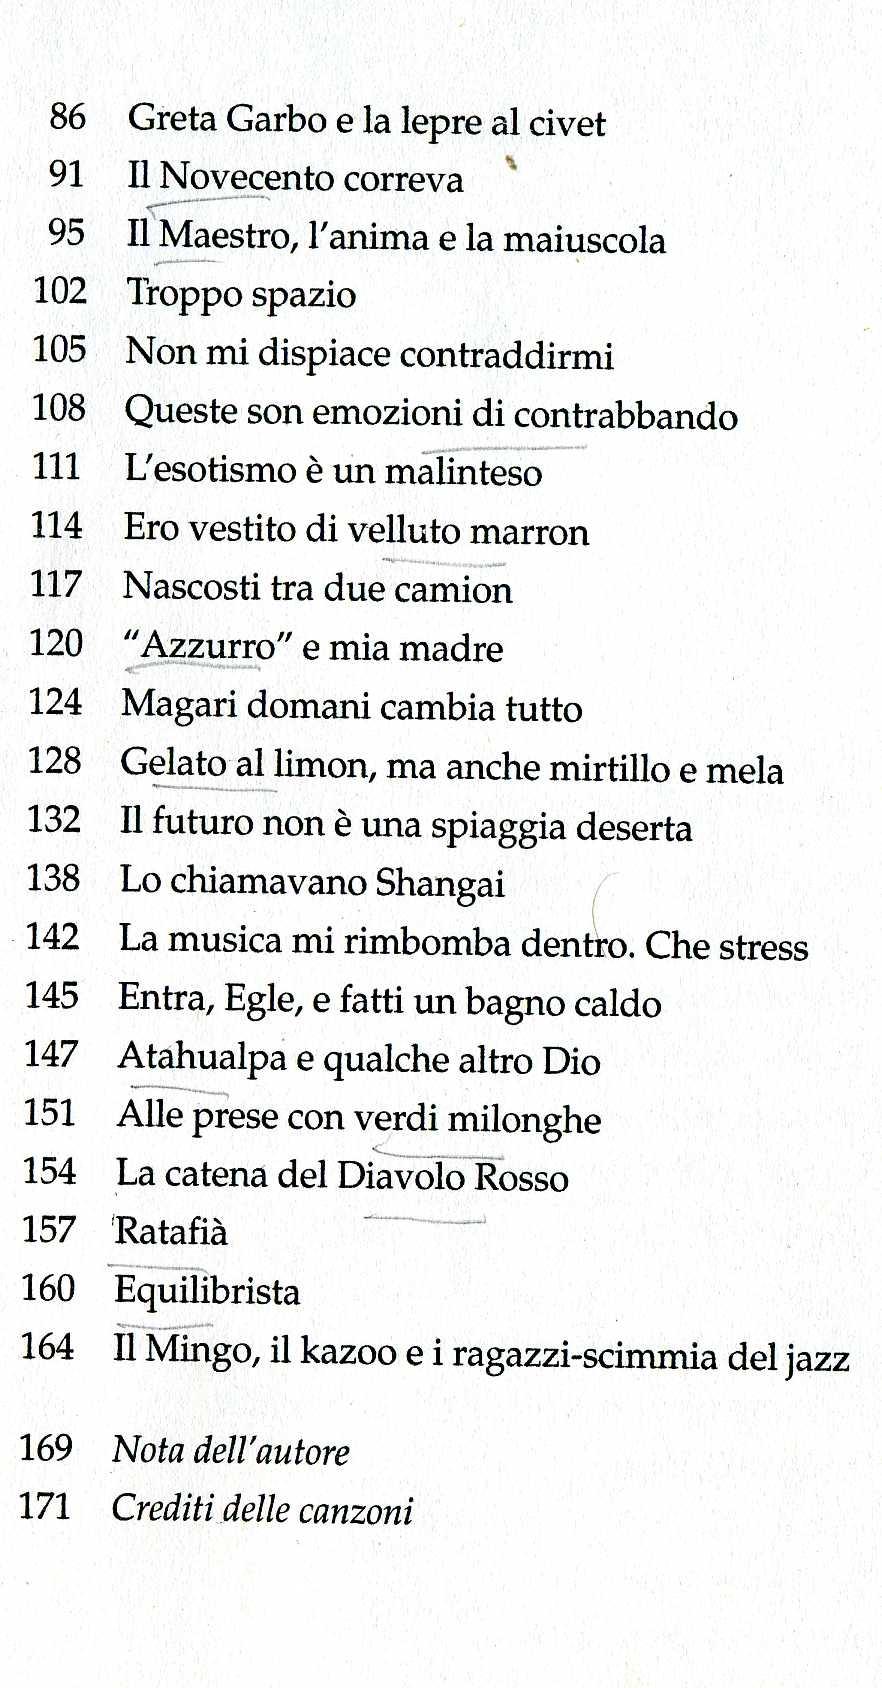 PAOLO CONTE2954